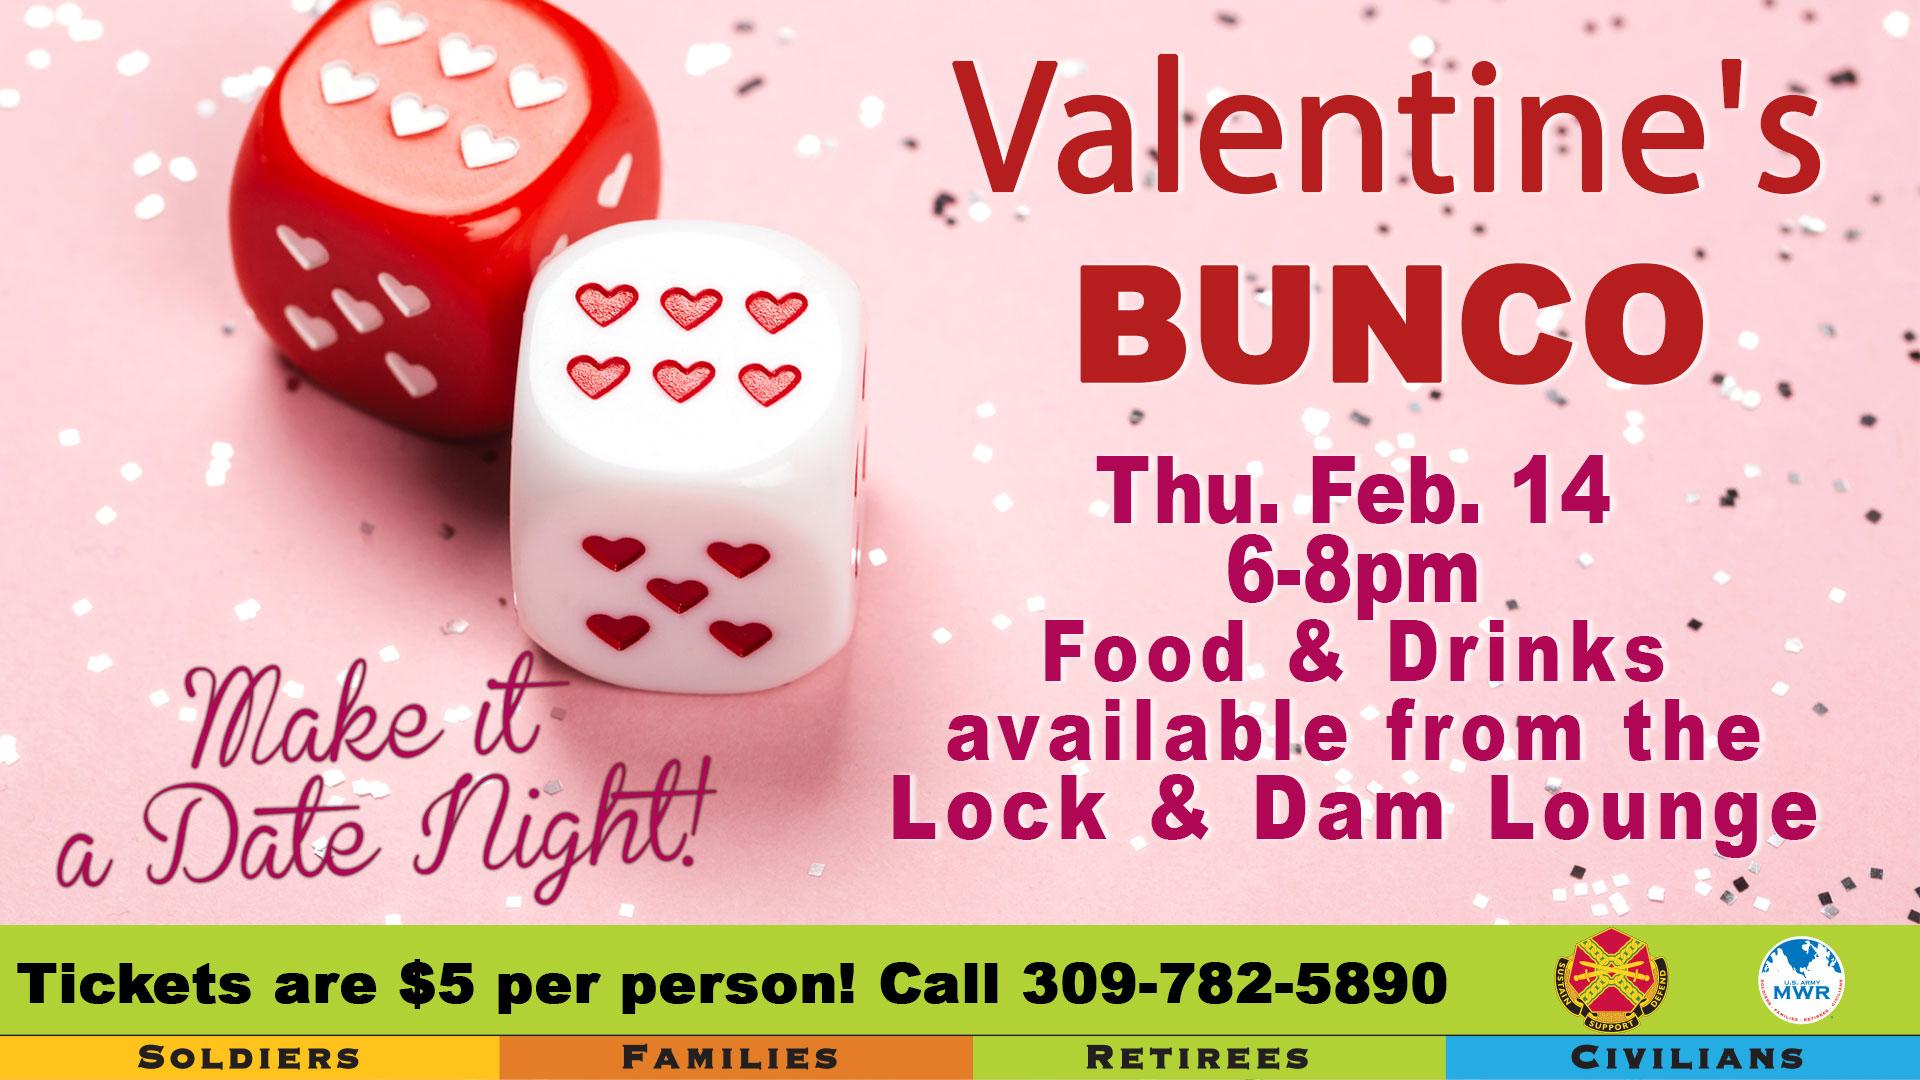 Valentine's Bunco